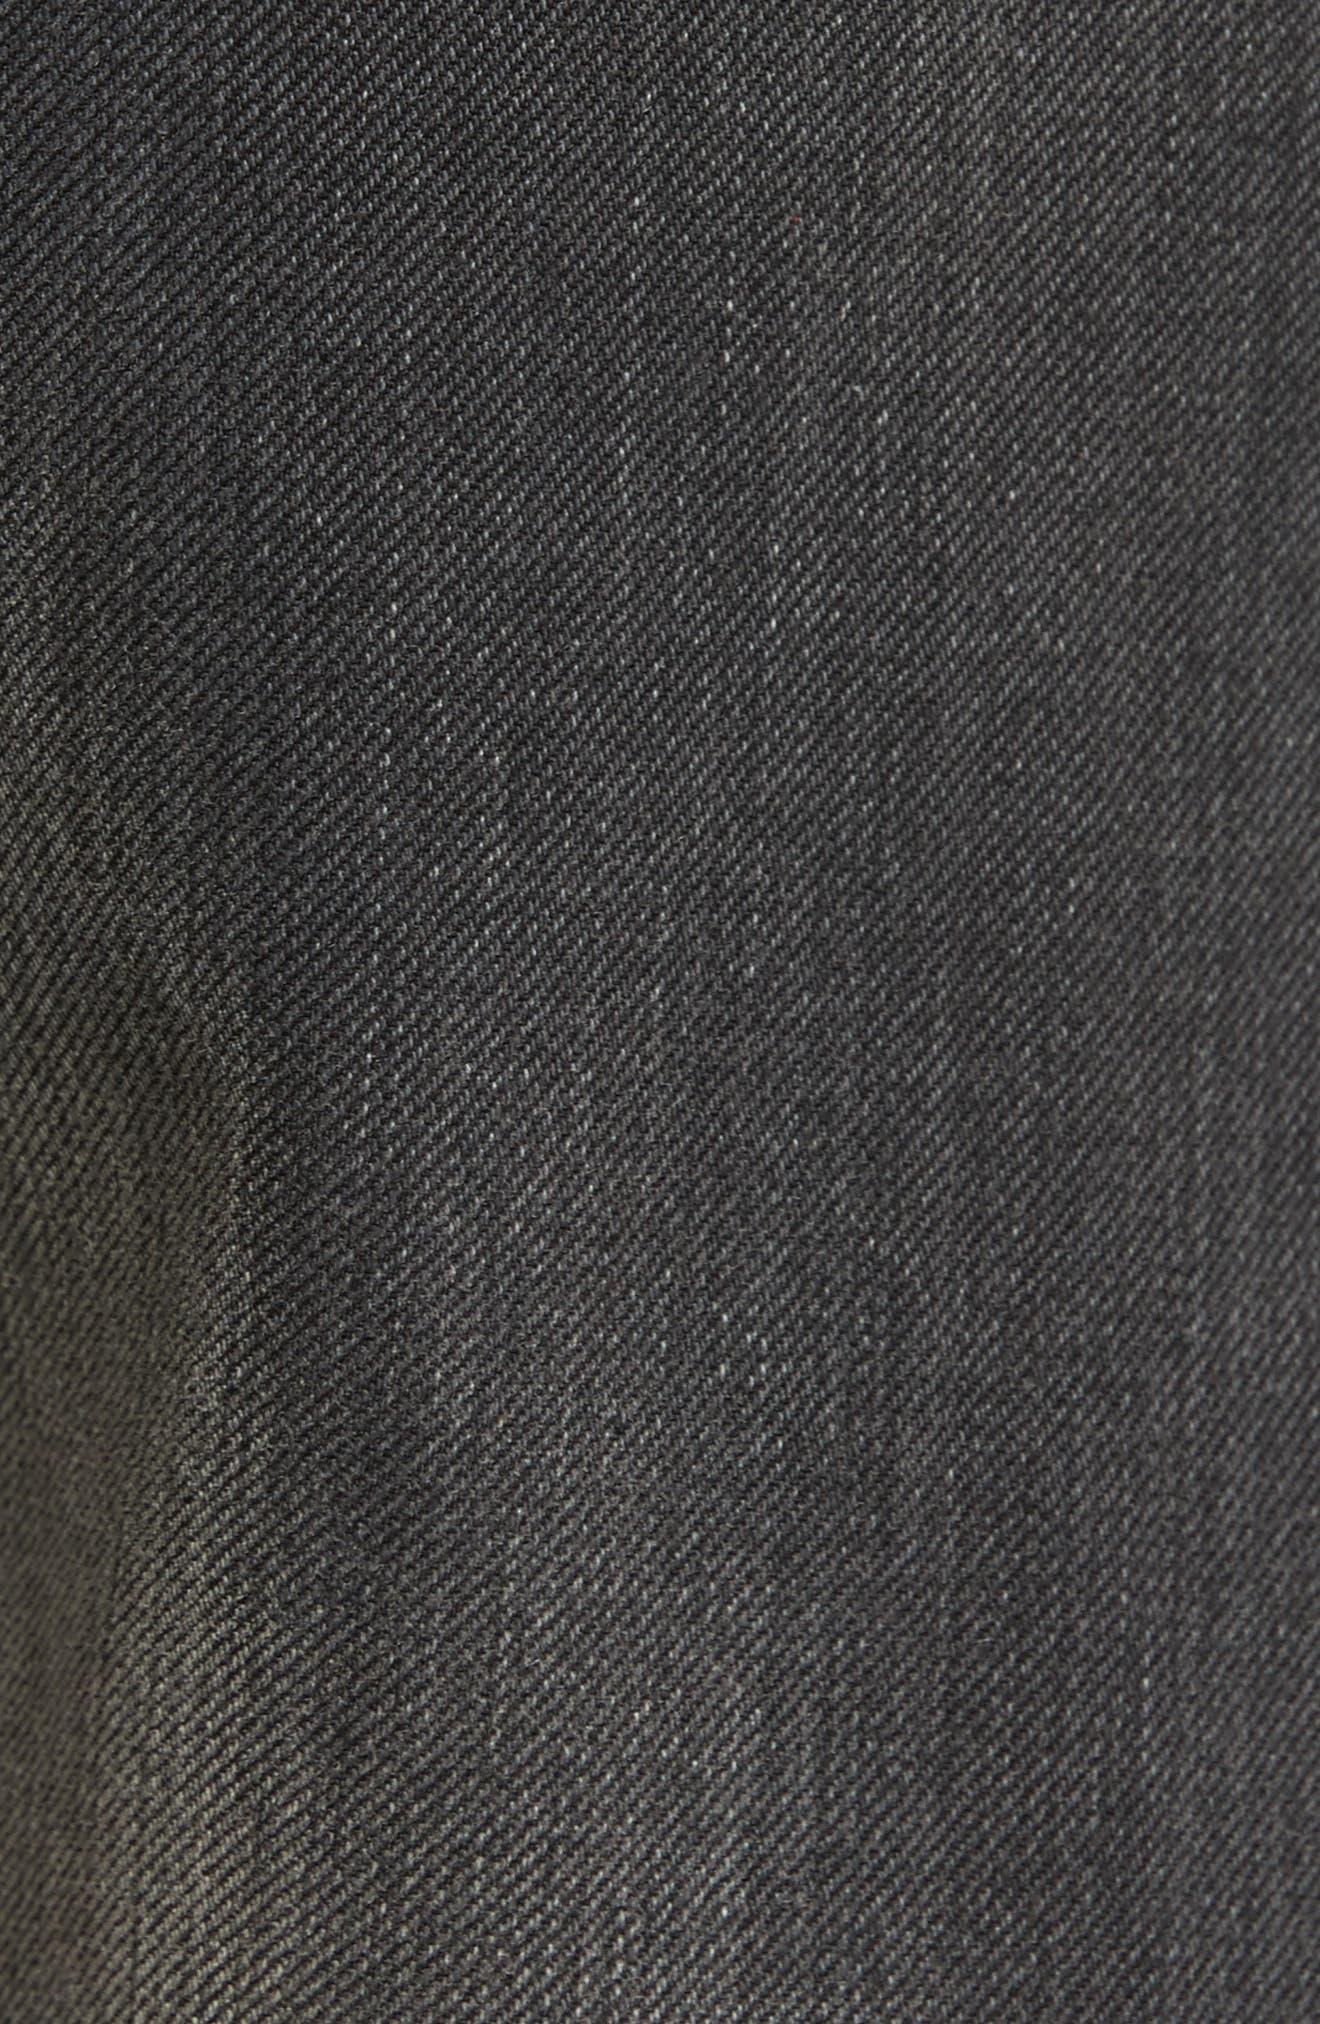 Alternate Image 5  - Nili Lotan Ena Side Button Detail Wide Leg Jeans